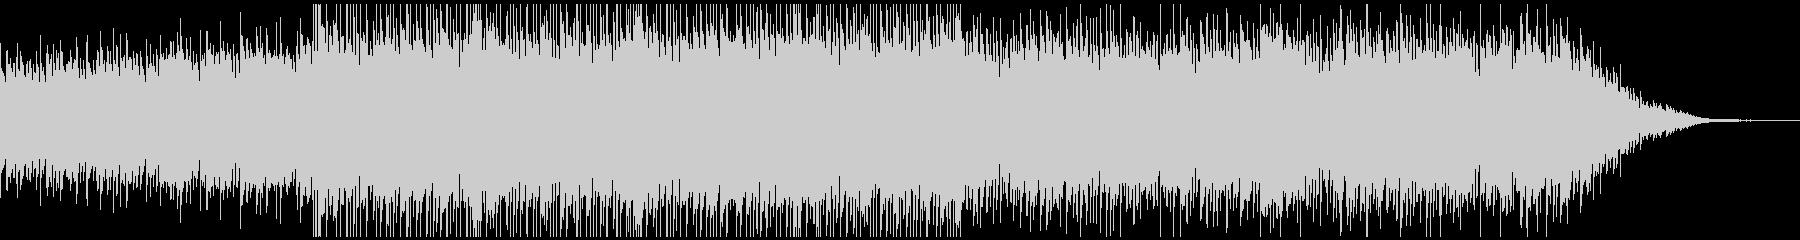 ピアノがきらきら綺麗なBGM2−2の未再生の波形